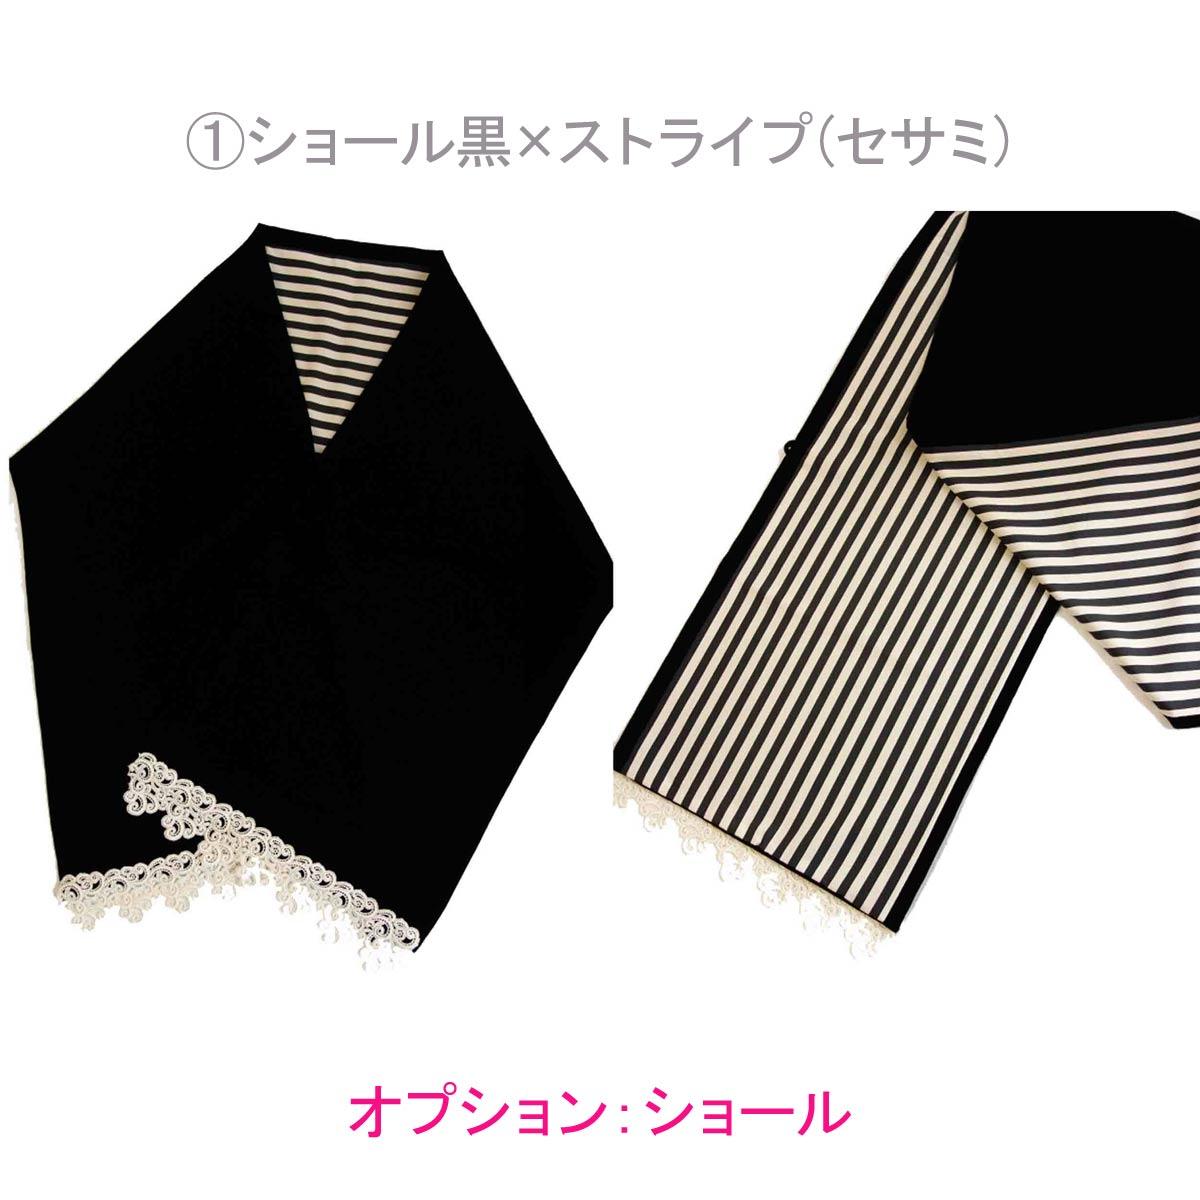 【レンタル】振袖 吹き寄せ小紋(豆千代スタイリング)